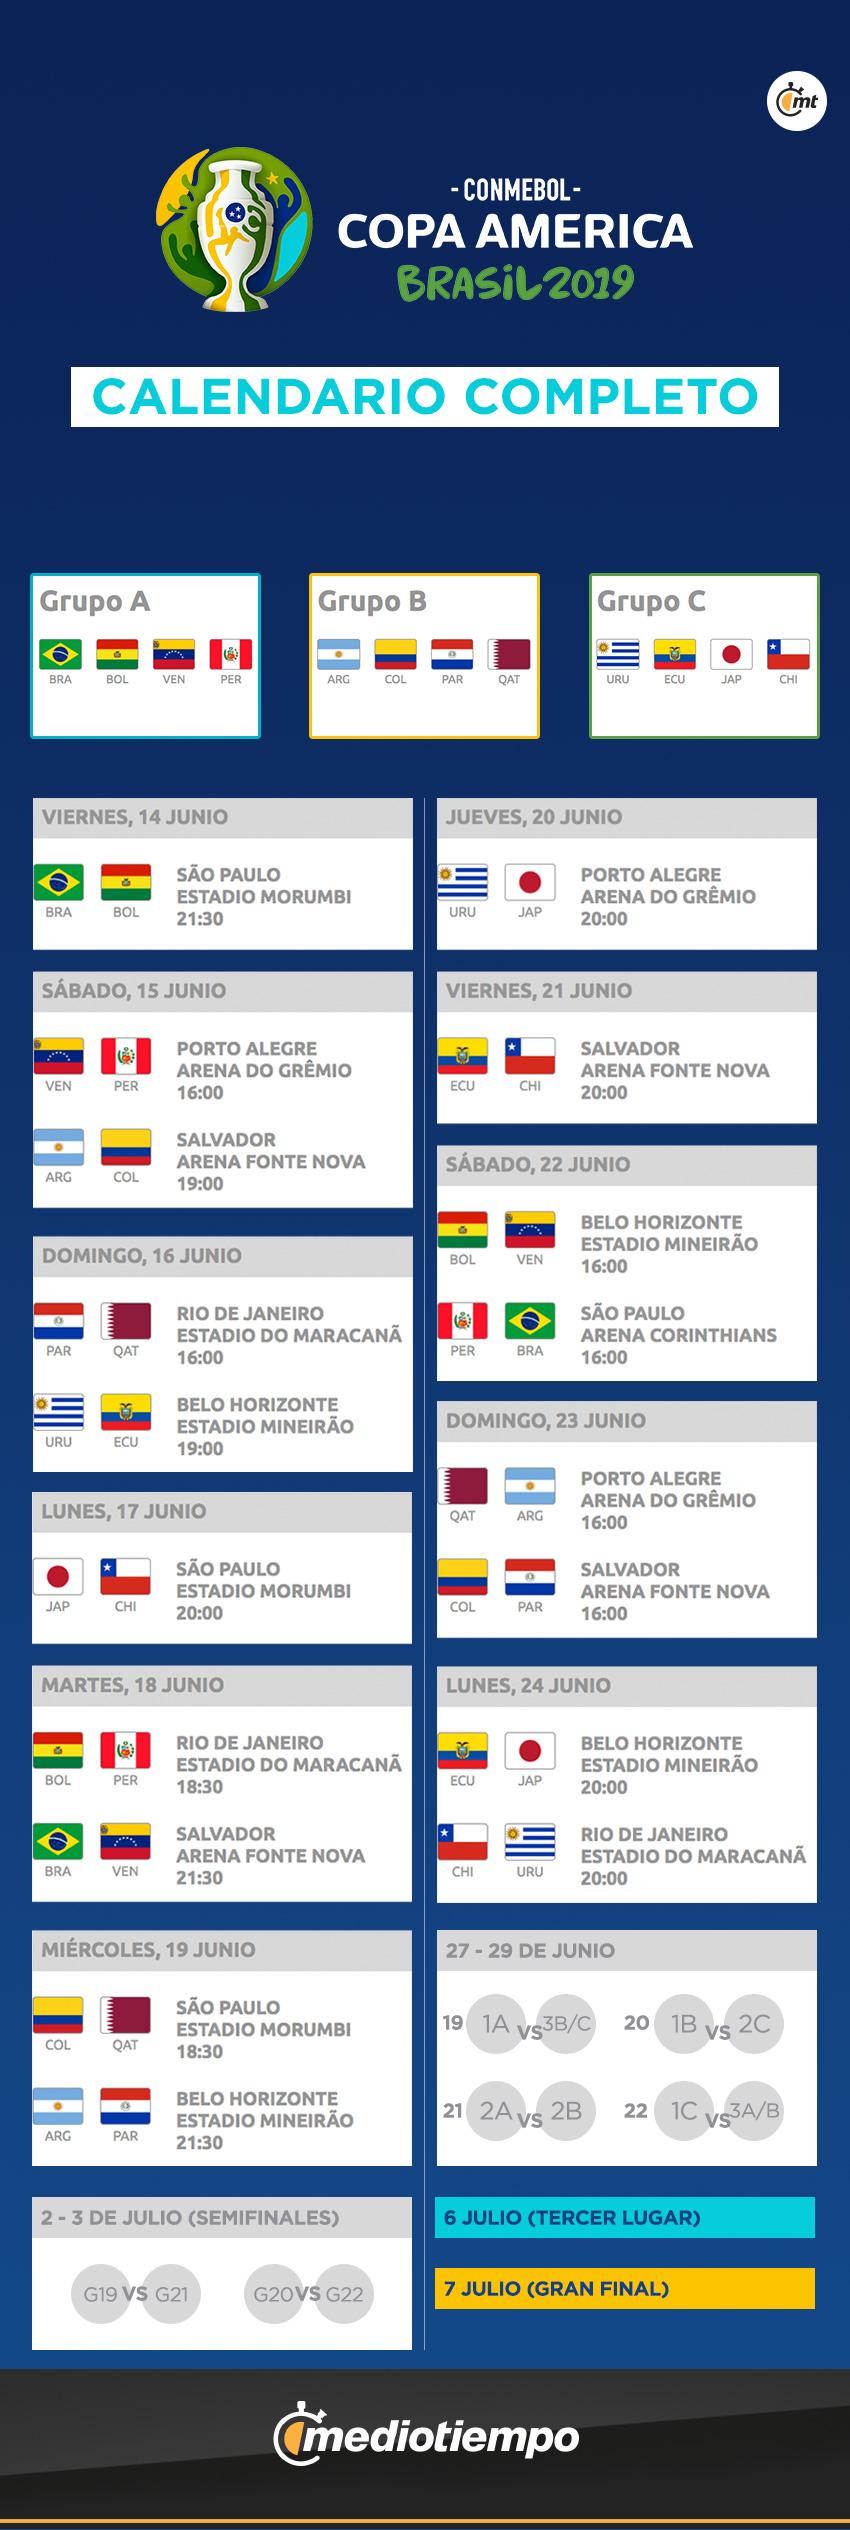 Calendario Copa.Calendario Conmebol Copa America Brasil 2019 Horarios Y Grupos